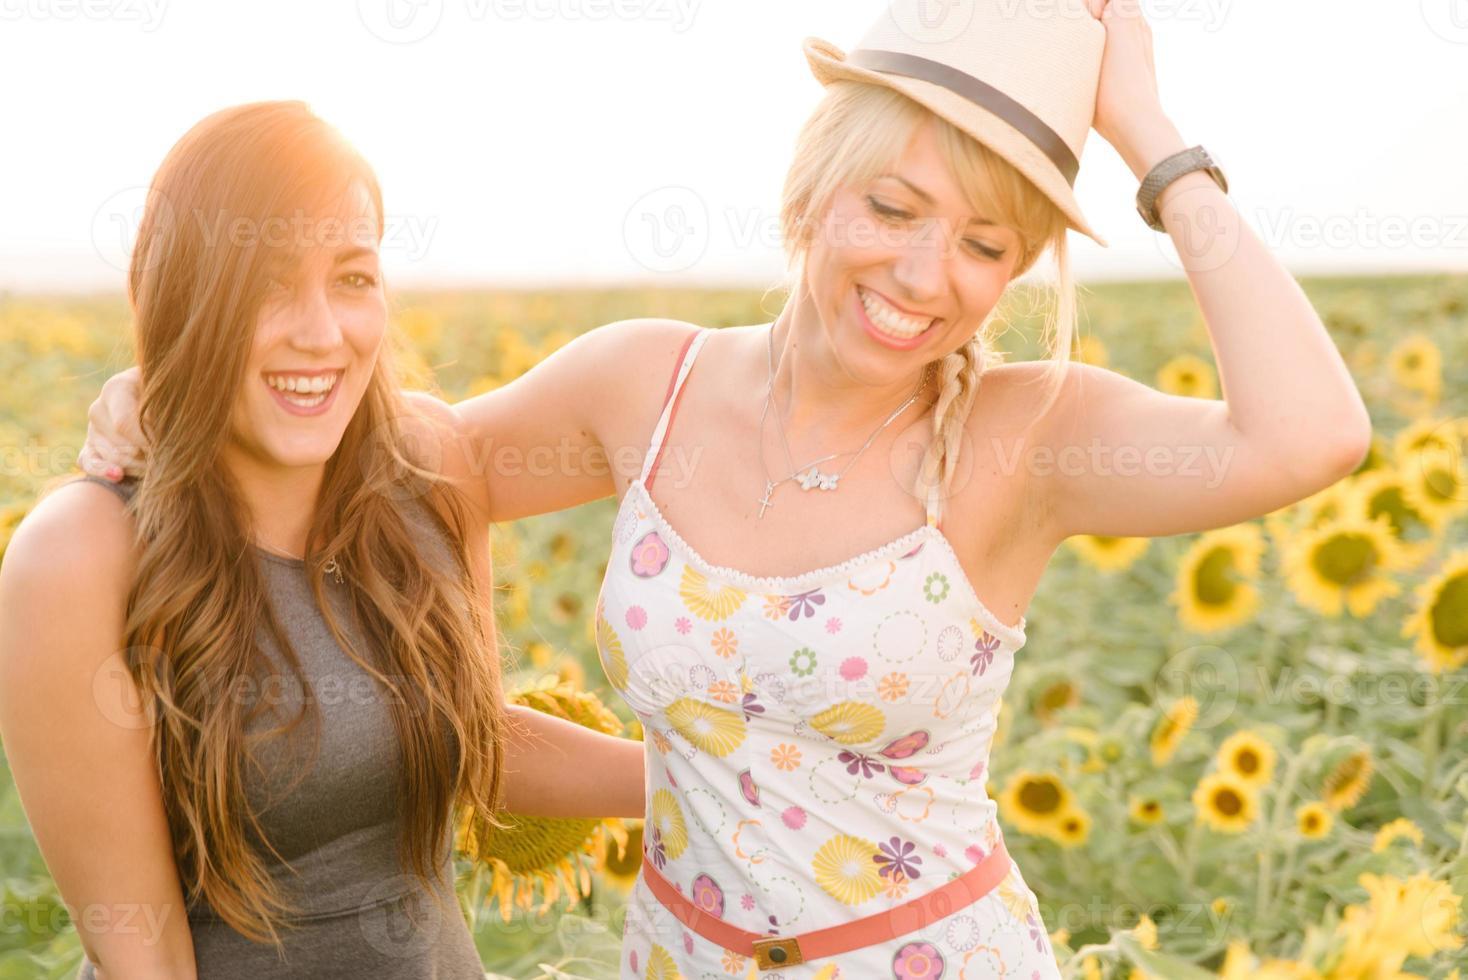 garotas desfrutando de um passeio no campo de girassol. foto